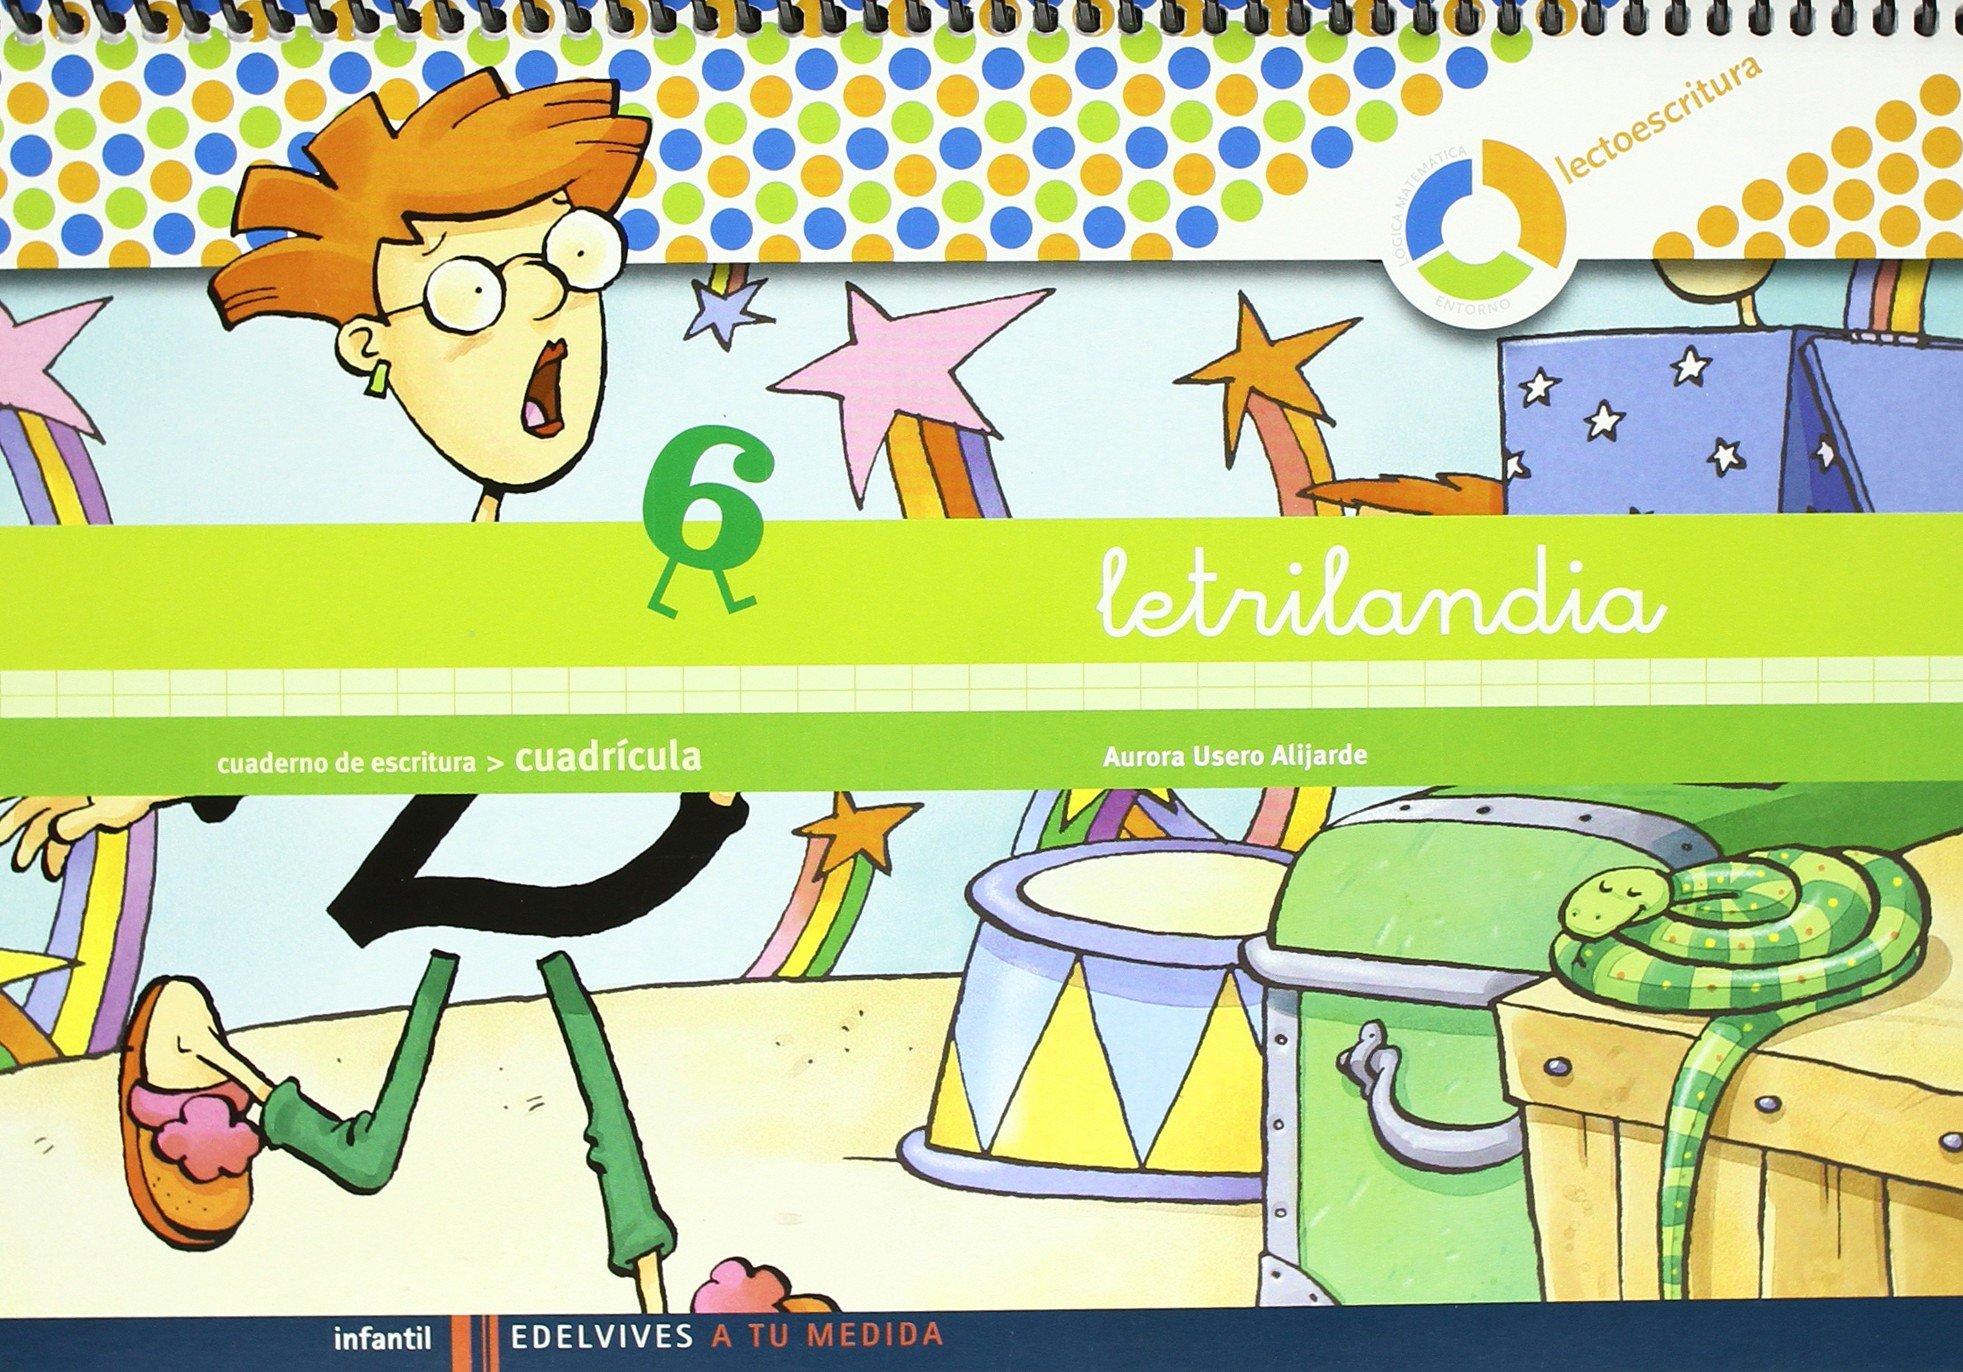 Lectoescritura cuaderno 6 de escritura Cuadricula A ru medida entorno  lógica matemática: Amazon.es: Aurora Usero Alijarde: Libros